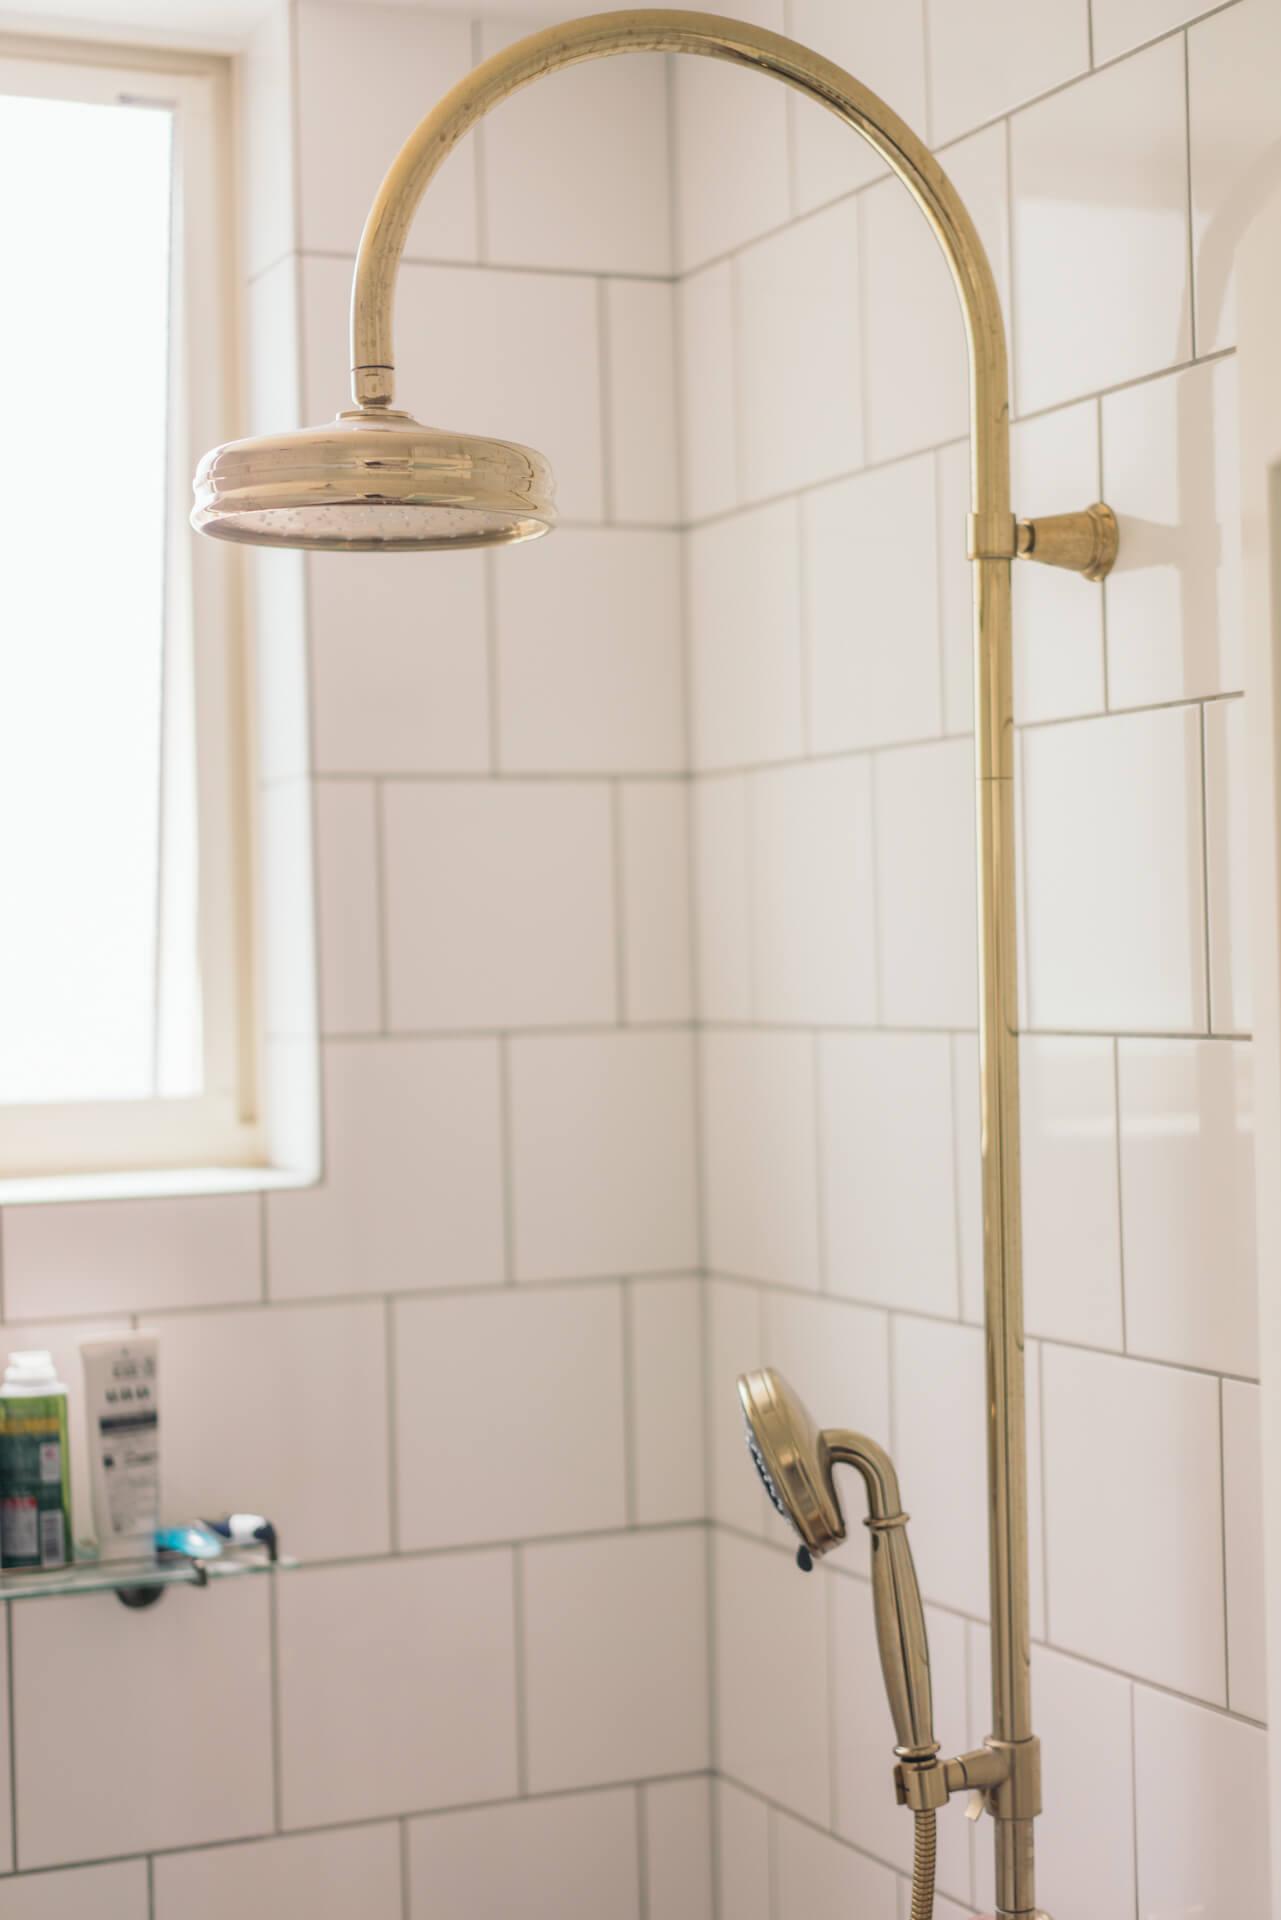 トイレや洗面台、シャワーもデザインにこだわって選びました。